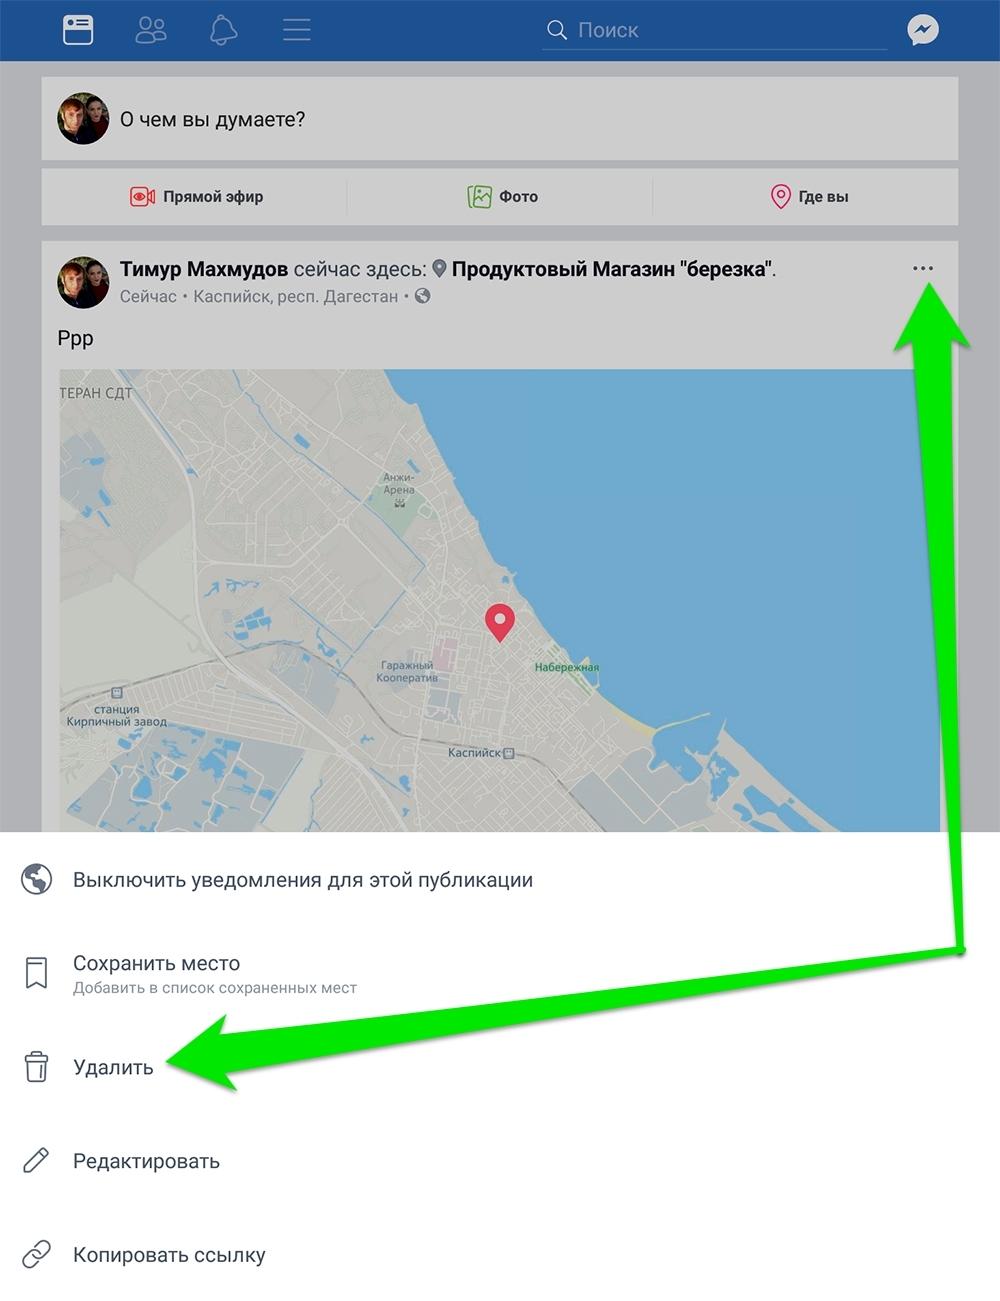 Иллюстрация на тему Как создать геолокацию в Инстаграме через Фейсбук